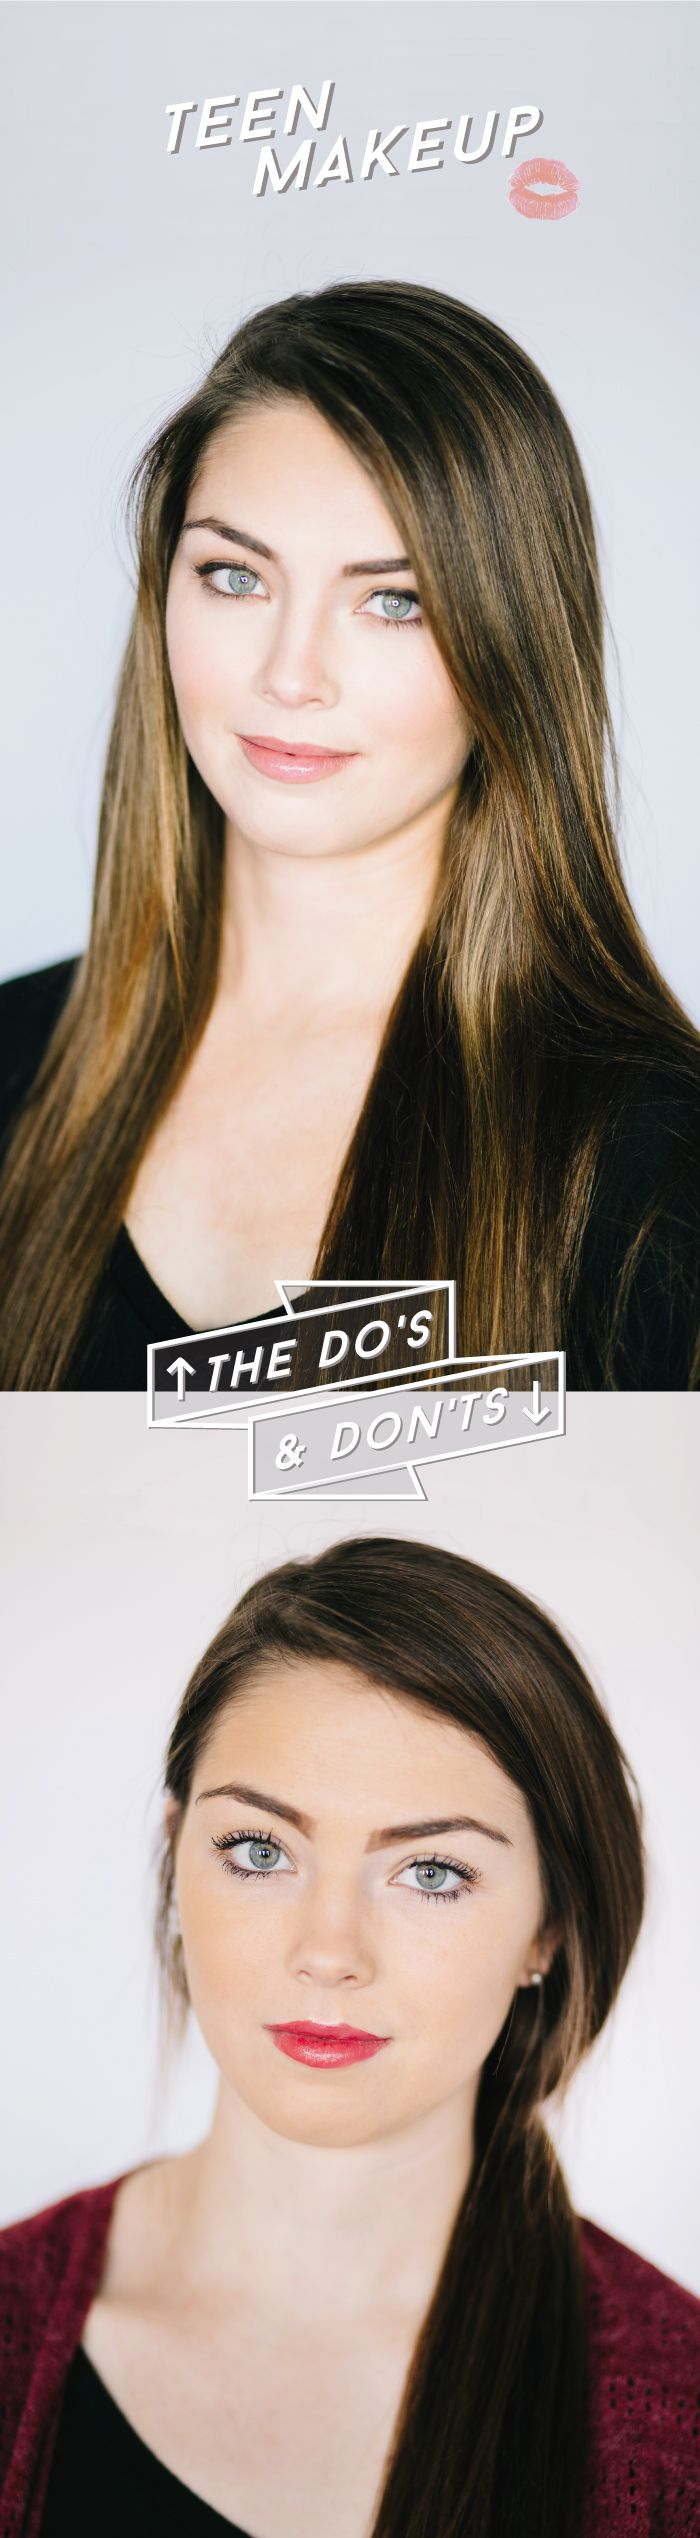 Teen Makeup: Do's